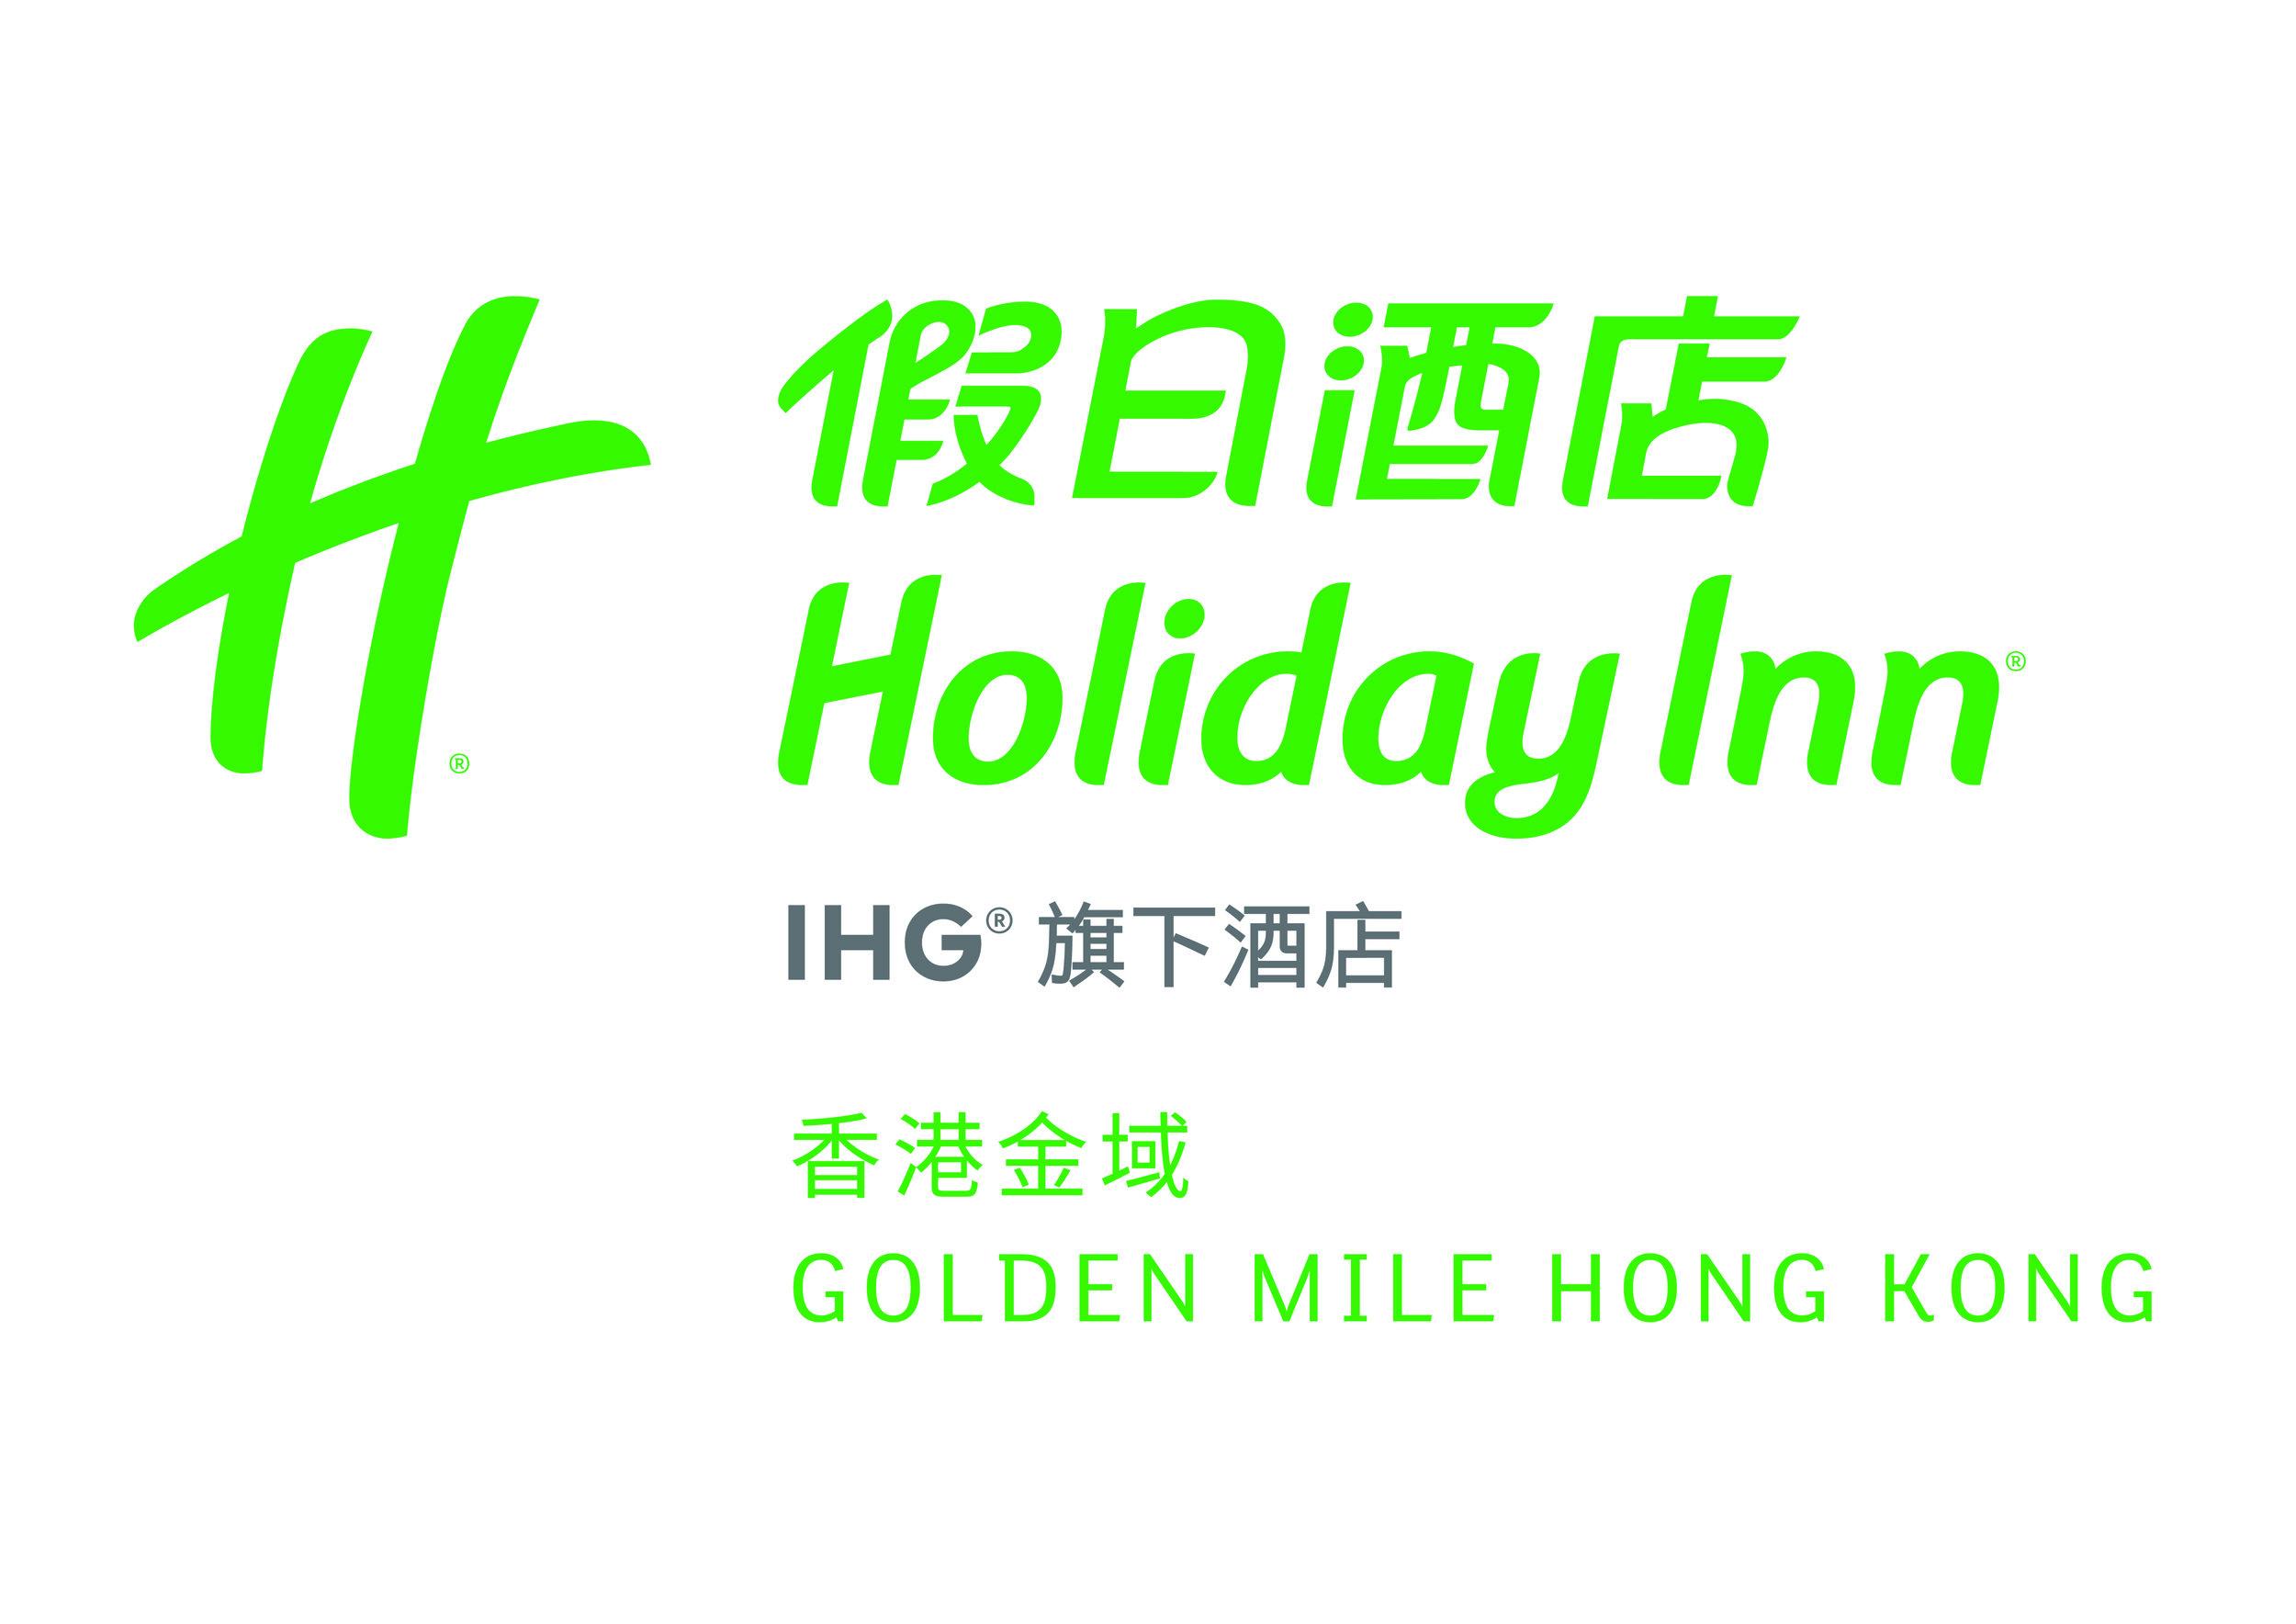 Holiday Inn Golden Mile Hong Kong_LOGO_Colour_H.jpg